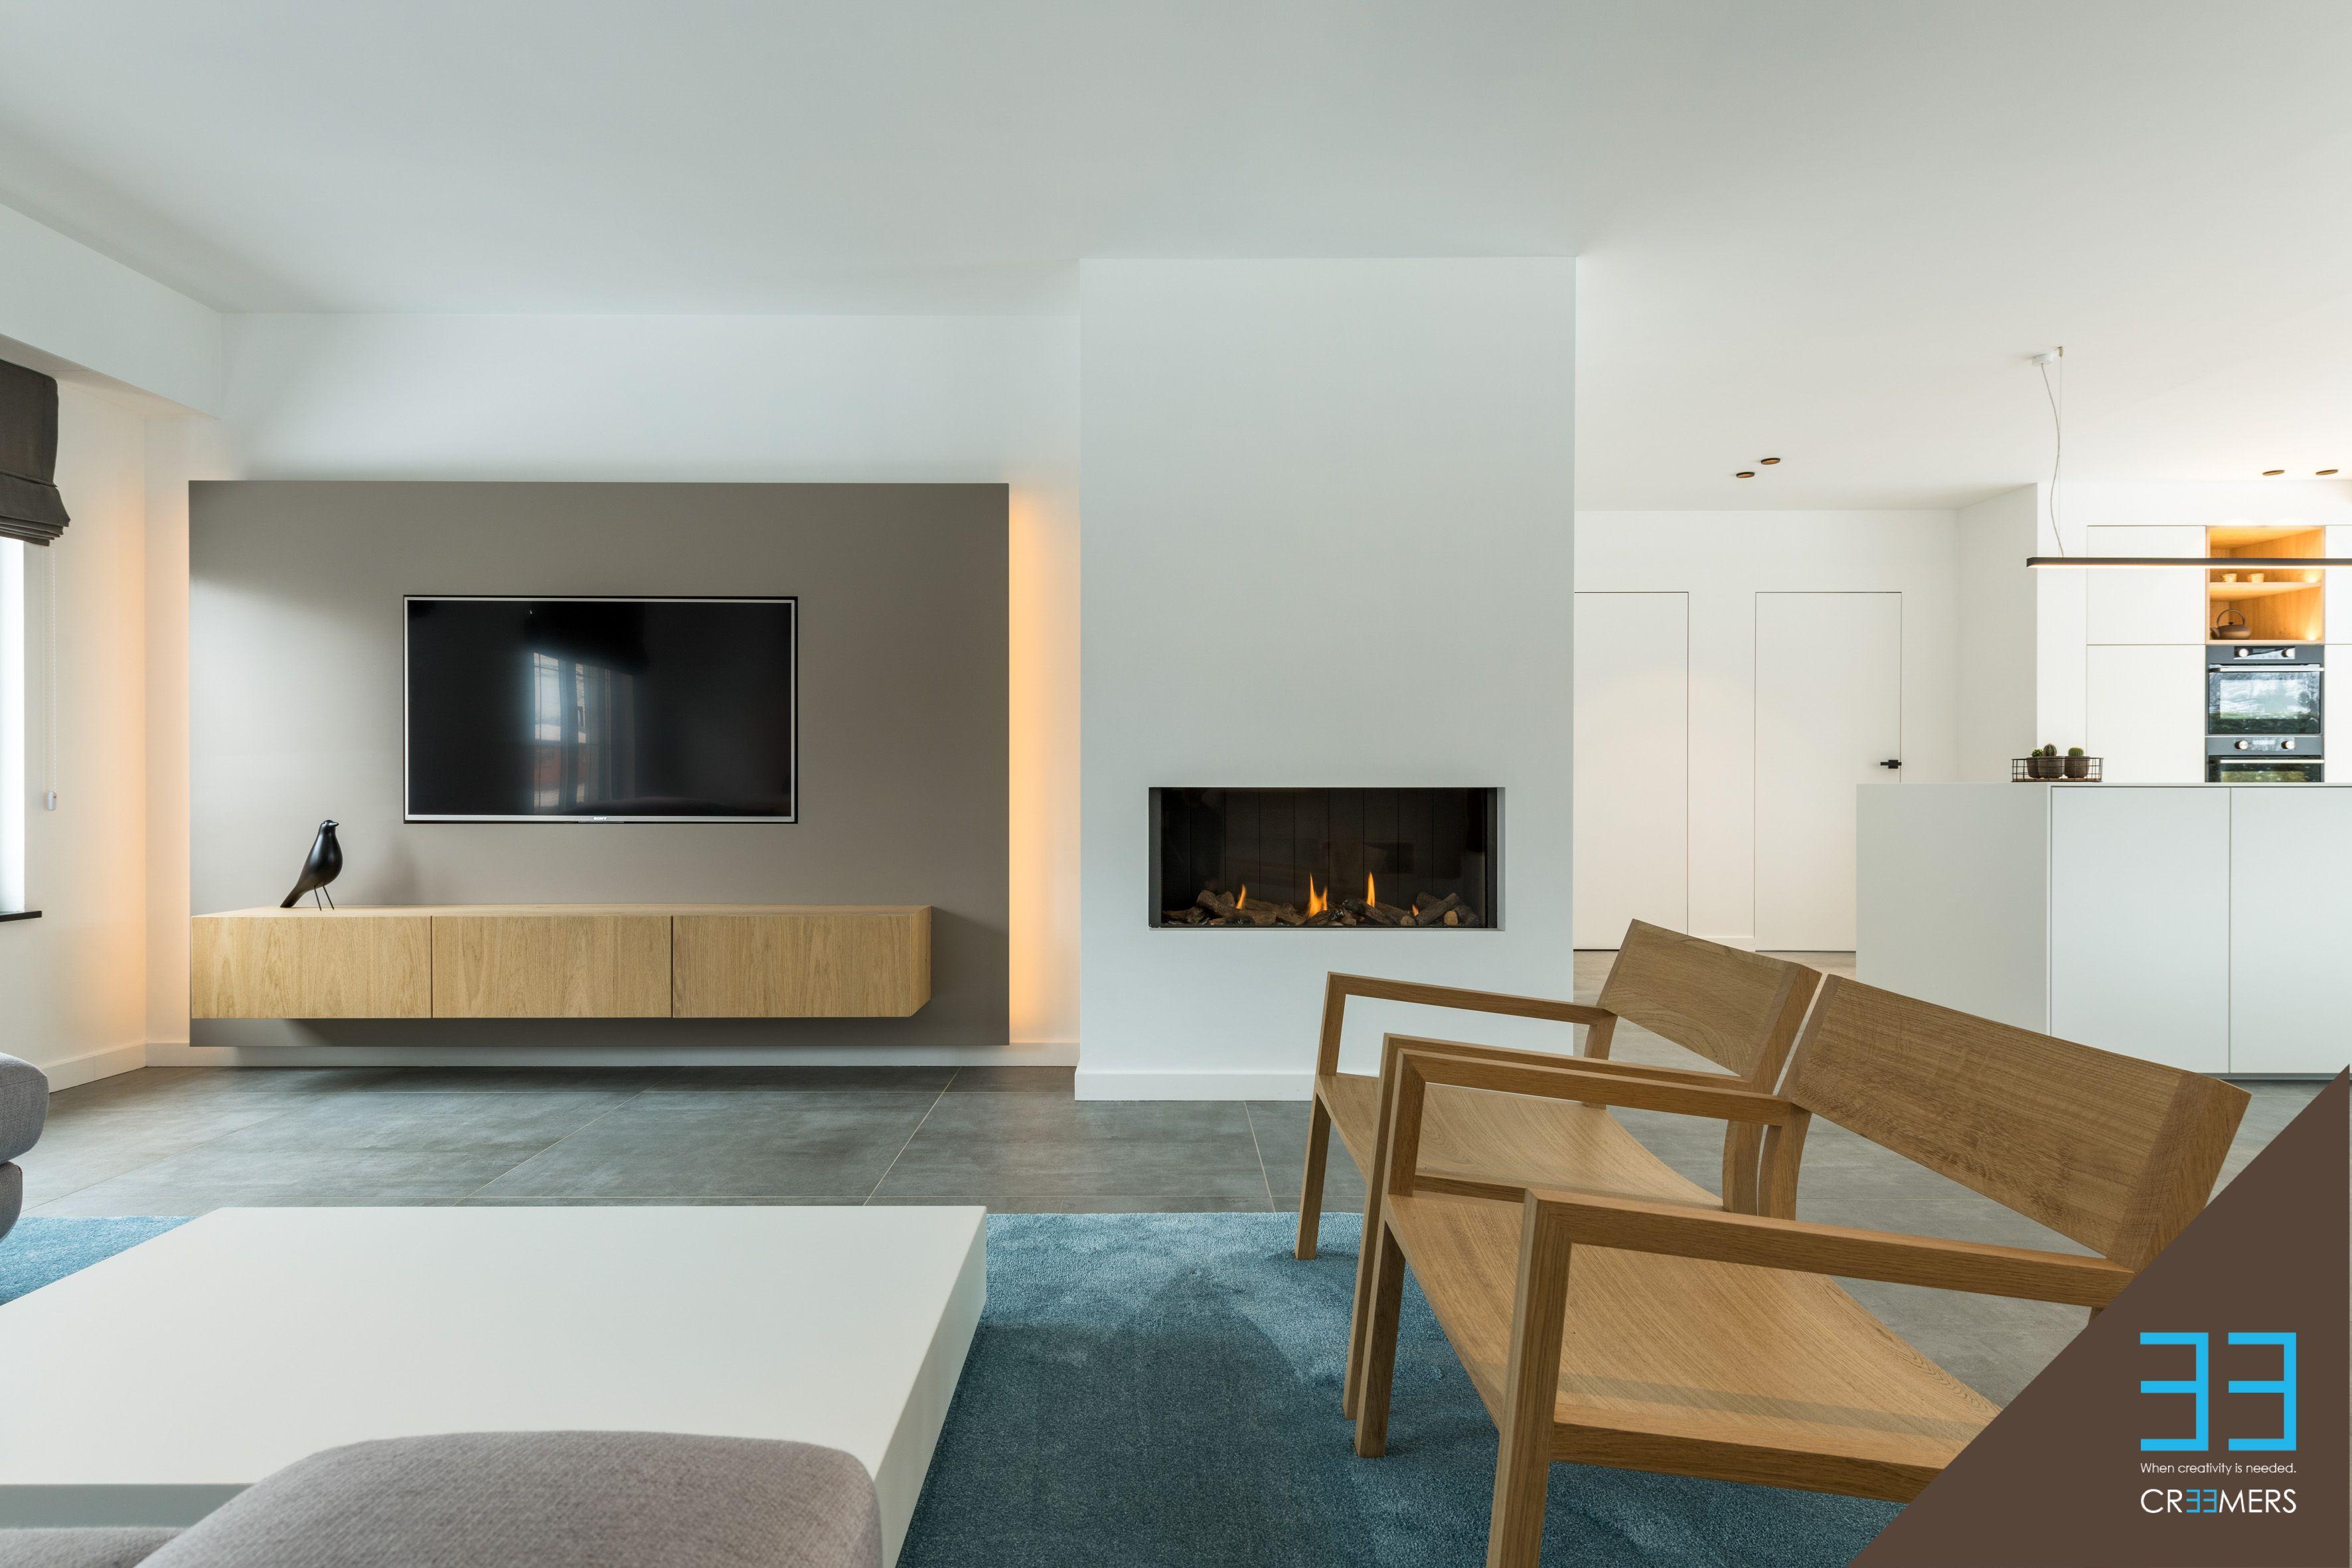 Modern Gezellig Interieur : Modern gezellig interieur door ken creemers. voor meer info www